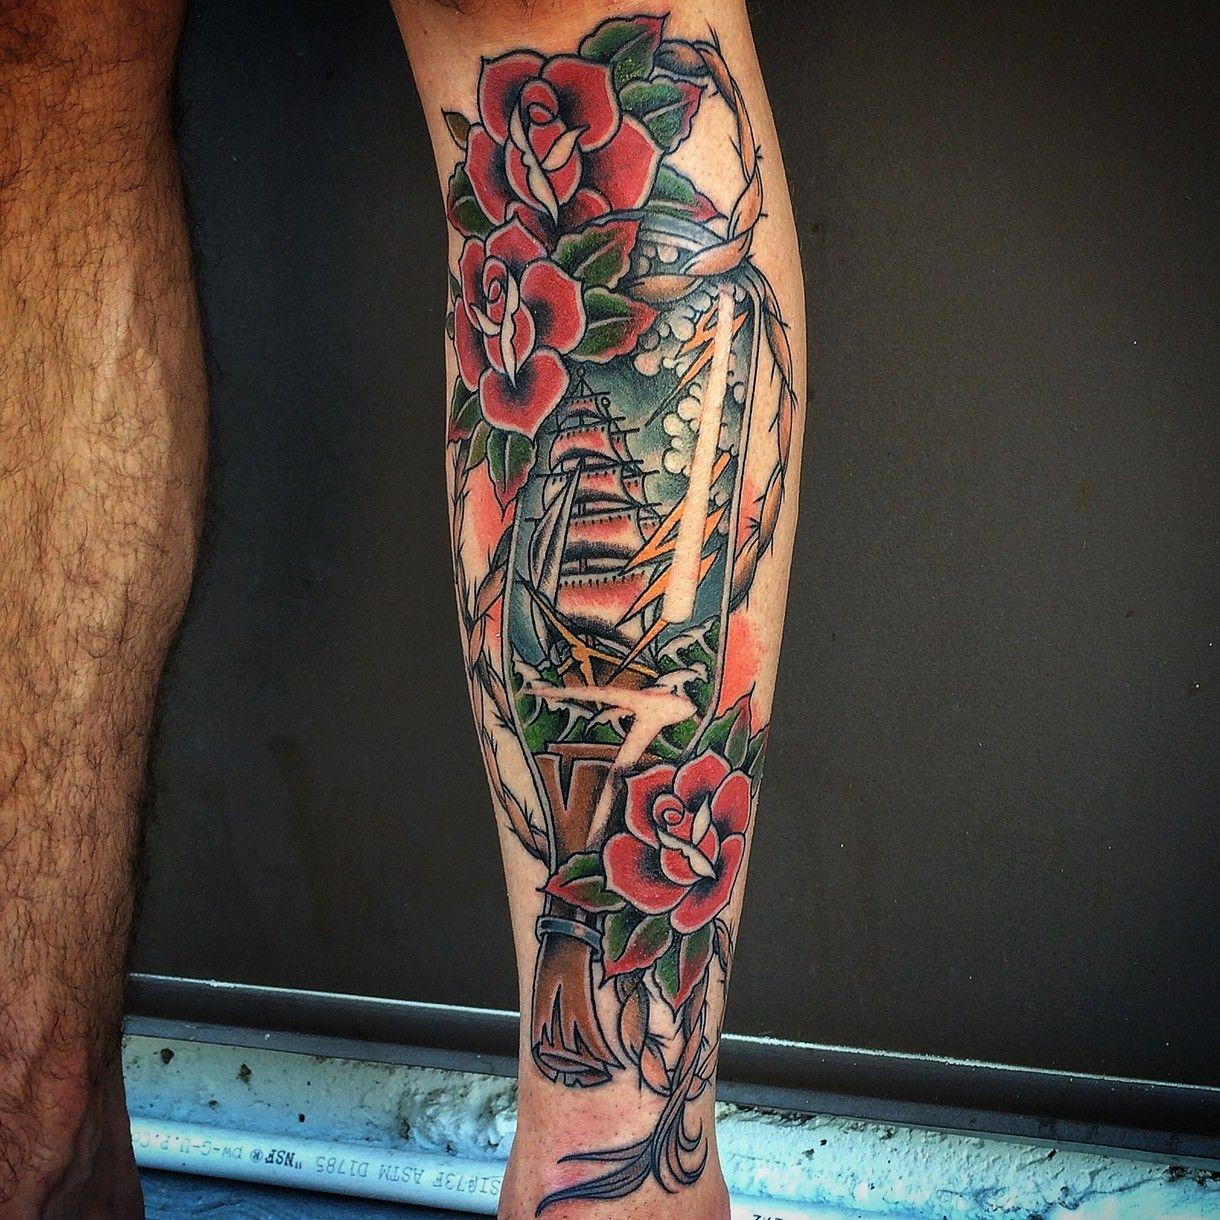 Kurt deetjen tattoo artist tattoos tattoo artists old